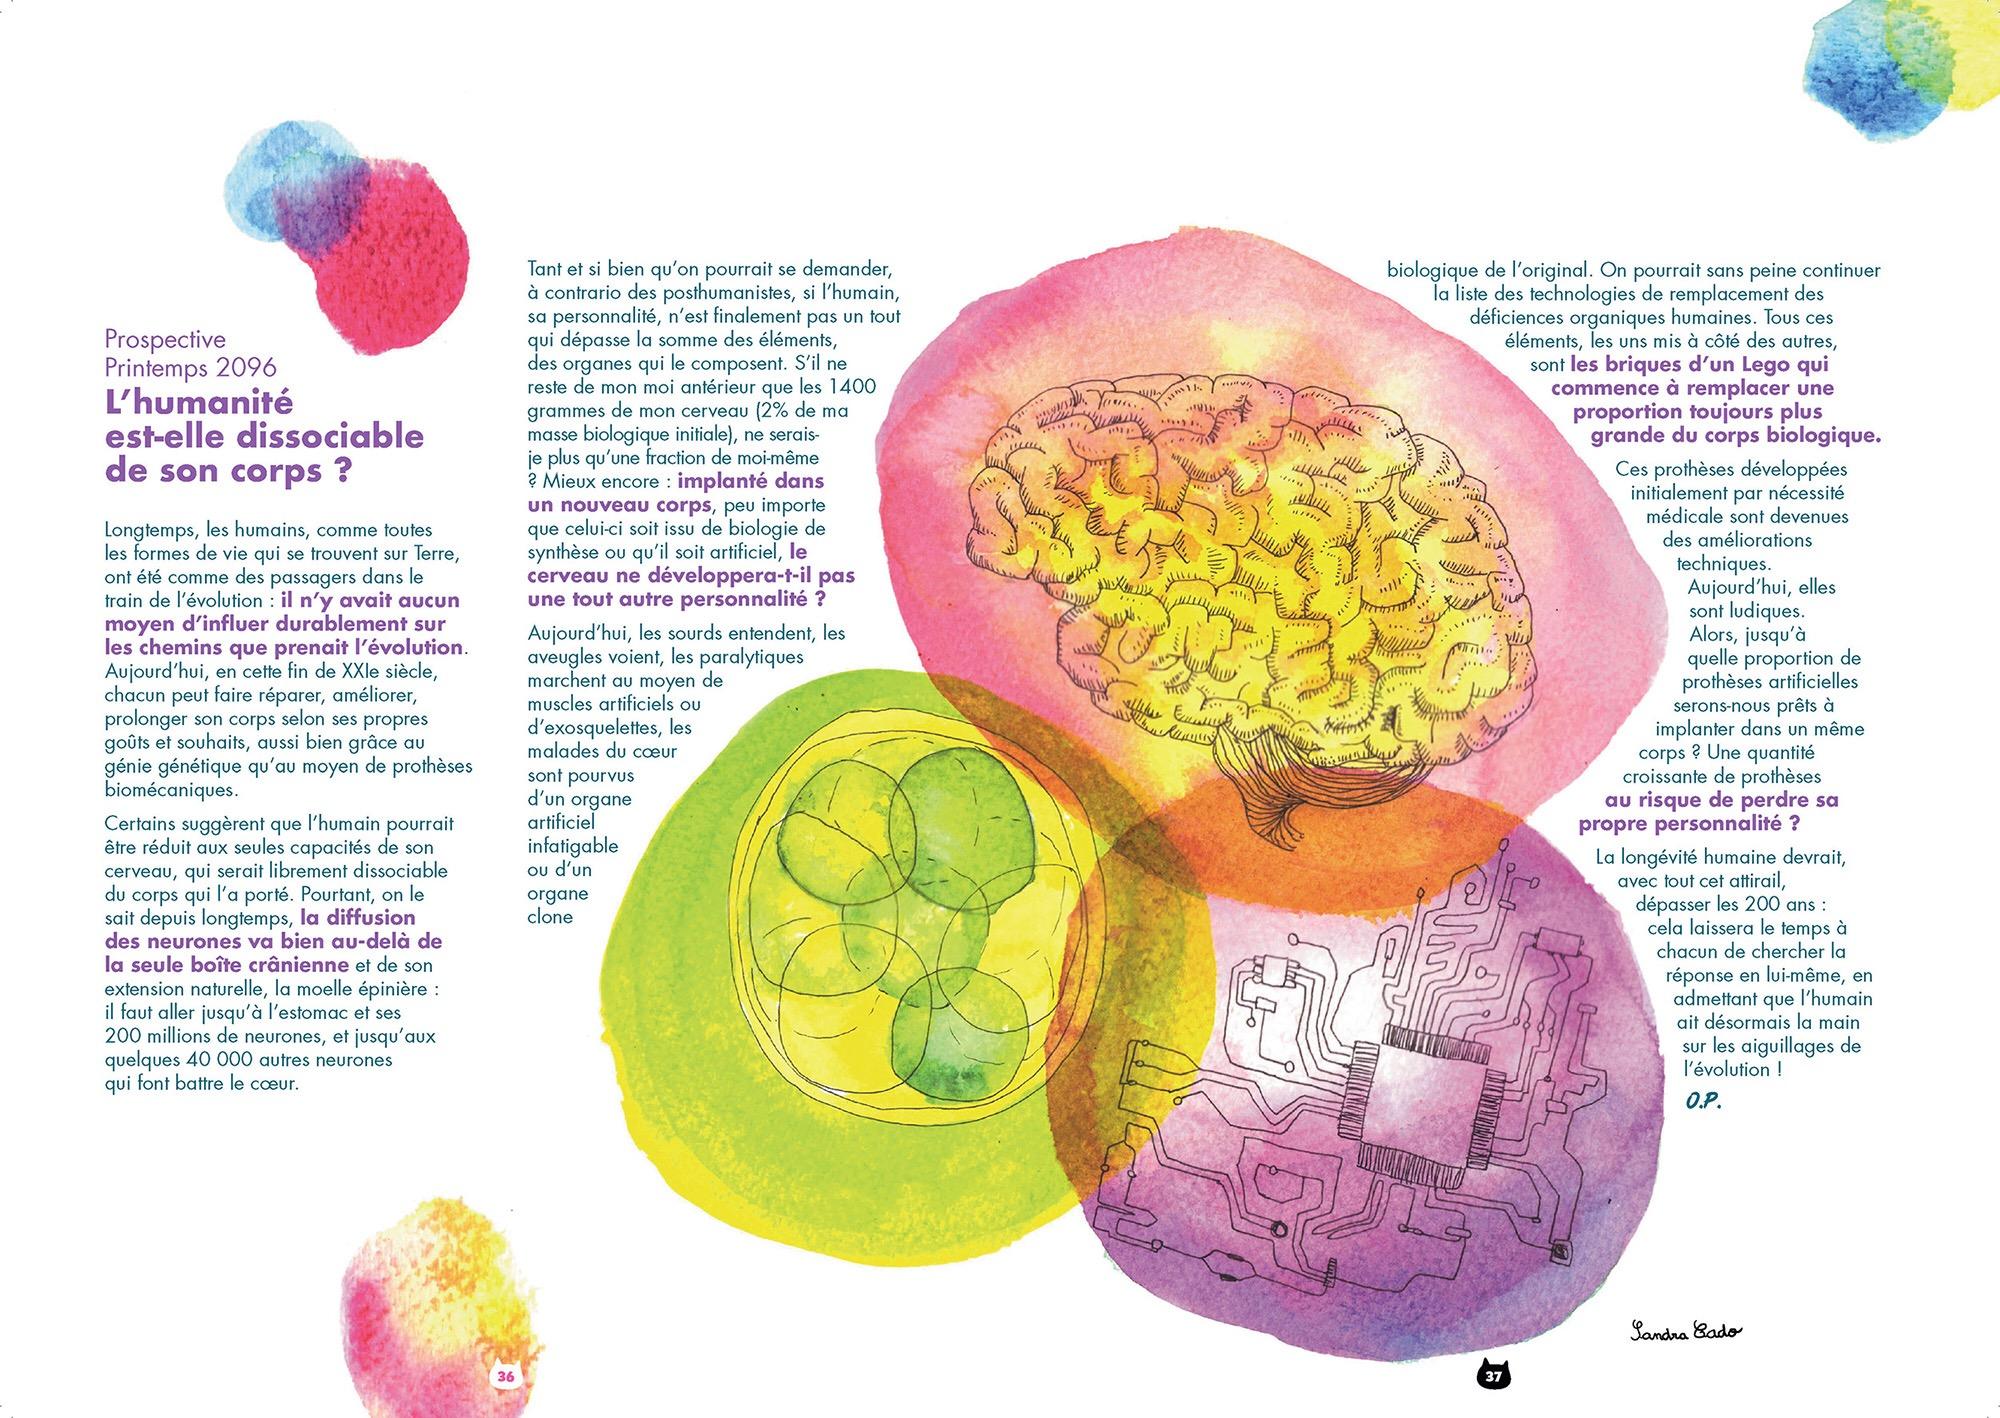 L'humanité est-elle dissociable de son corps biologique ? | Nekomix #03 | 18/02/2069